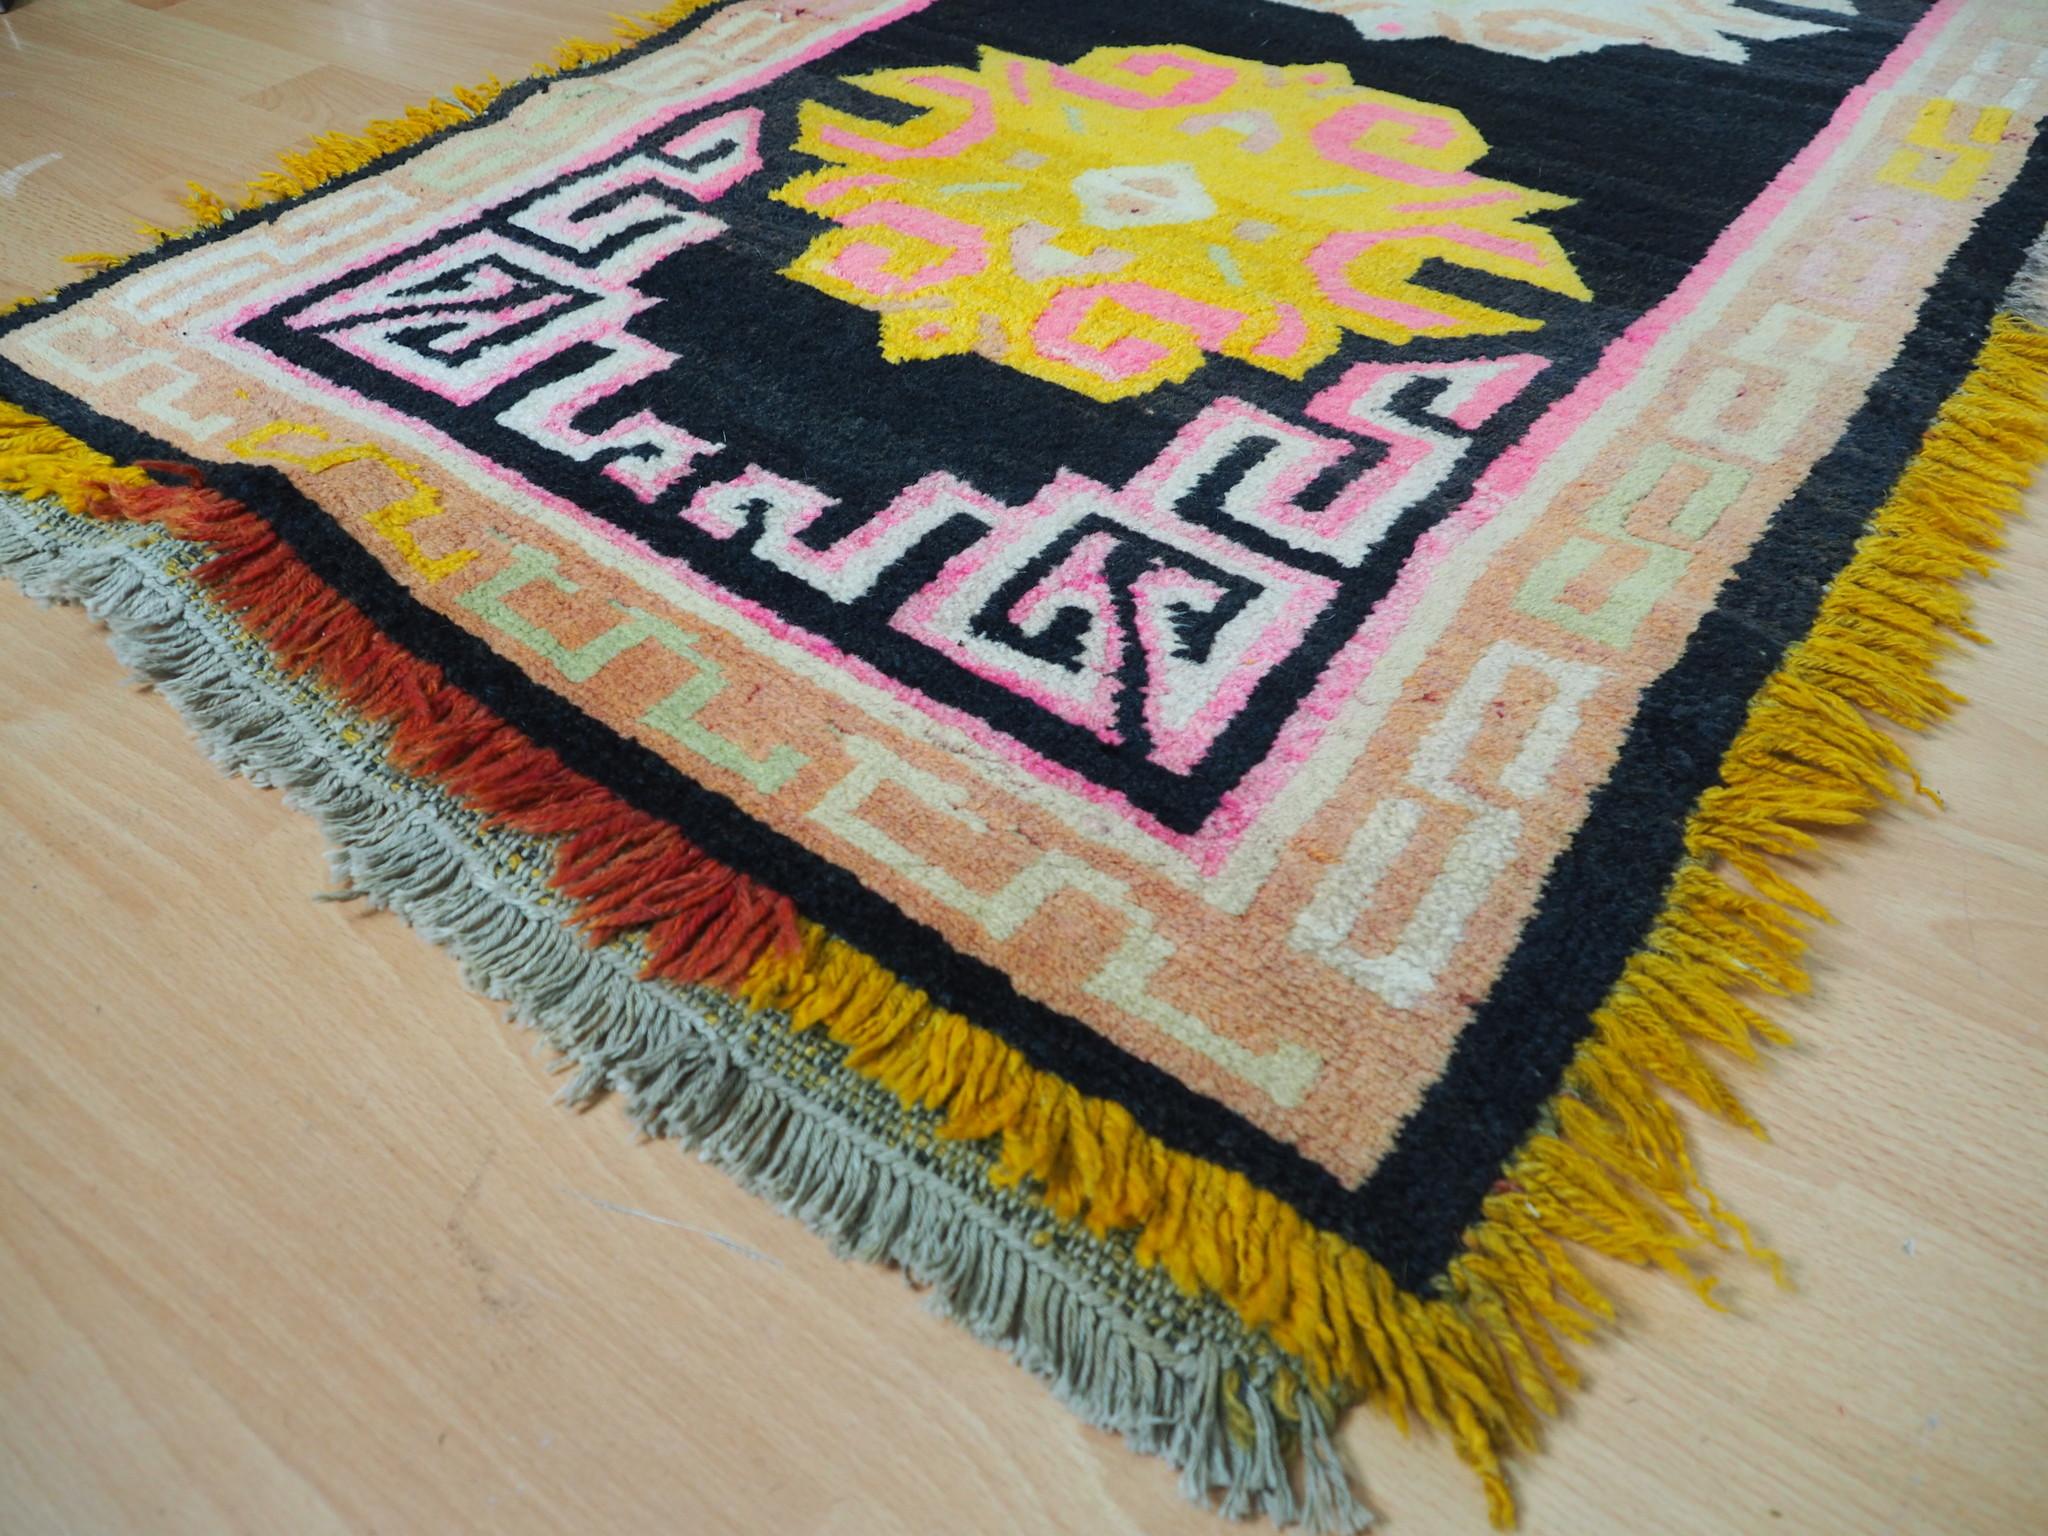 antik Tibetischer Khaden Yoga Meditation Dorfteppich buddhistische Klöster gebetsteppich Teppich Schlafteppich Nr.9 5